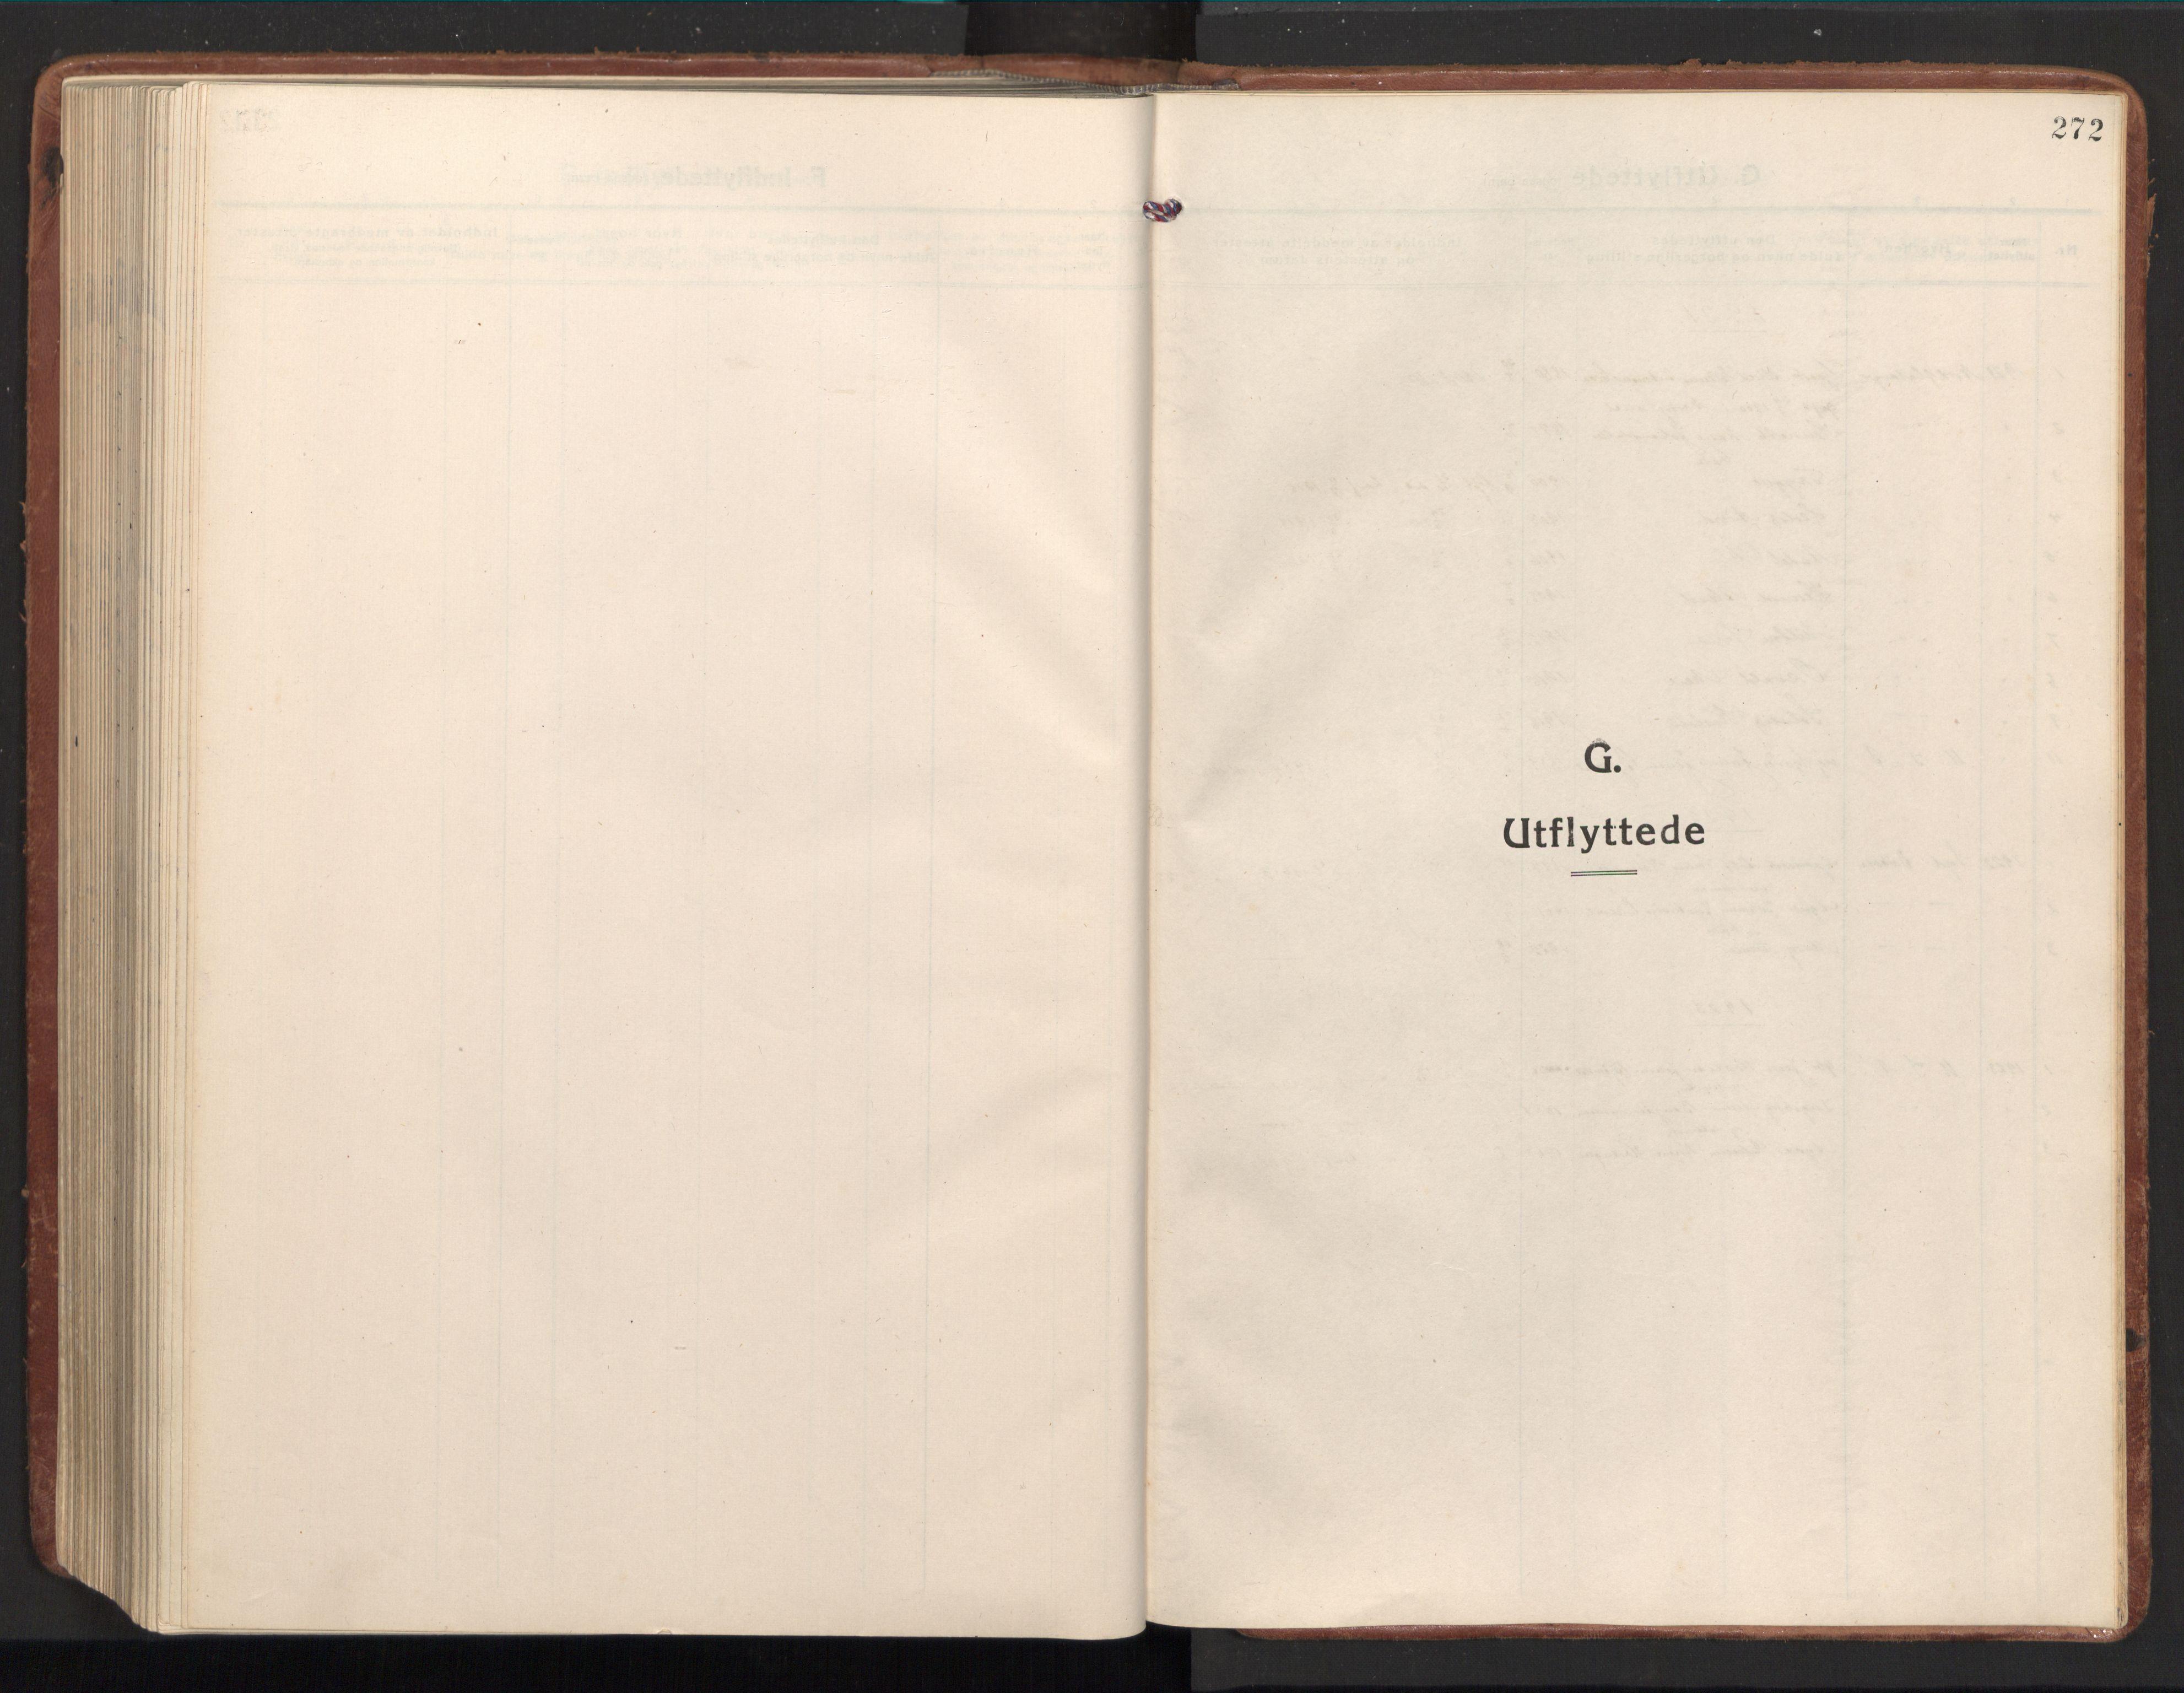 SAT, Ministerialprotokoller, klokkerbøker og fødselsregistre - Nord-Trøndelag, 784/L0678: Ministerialbok nr. 784A13, 1921-1938, s. 272